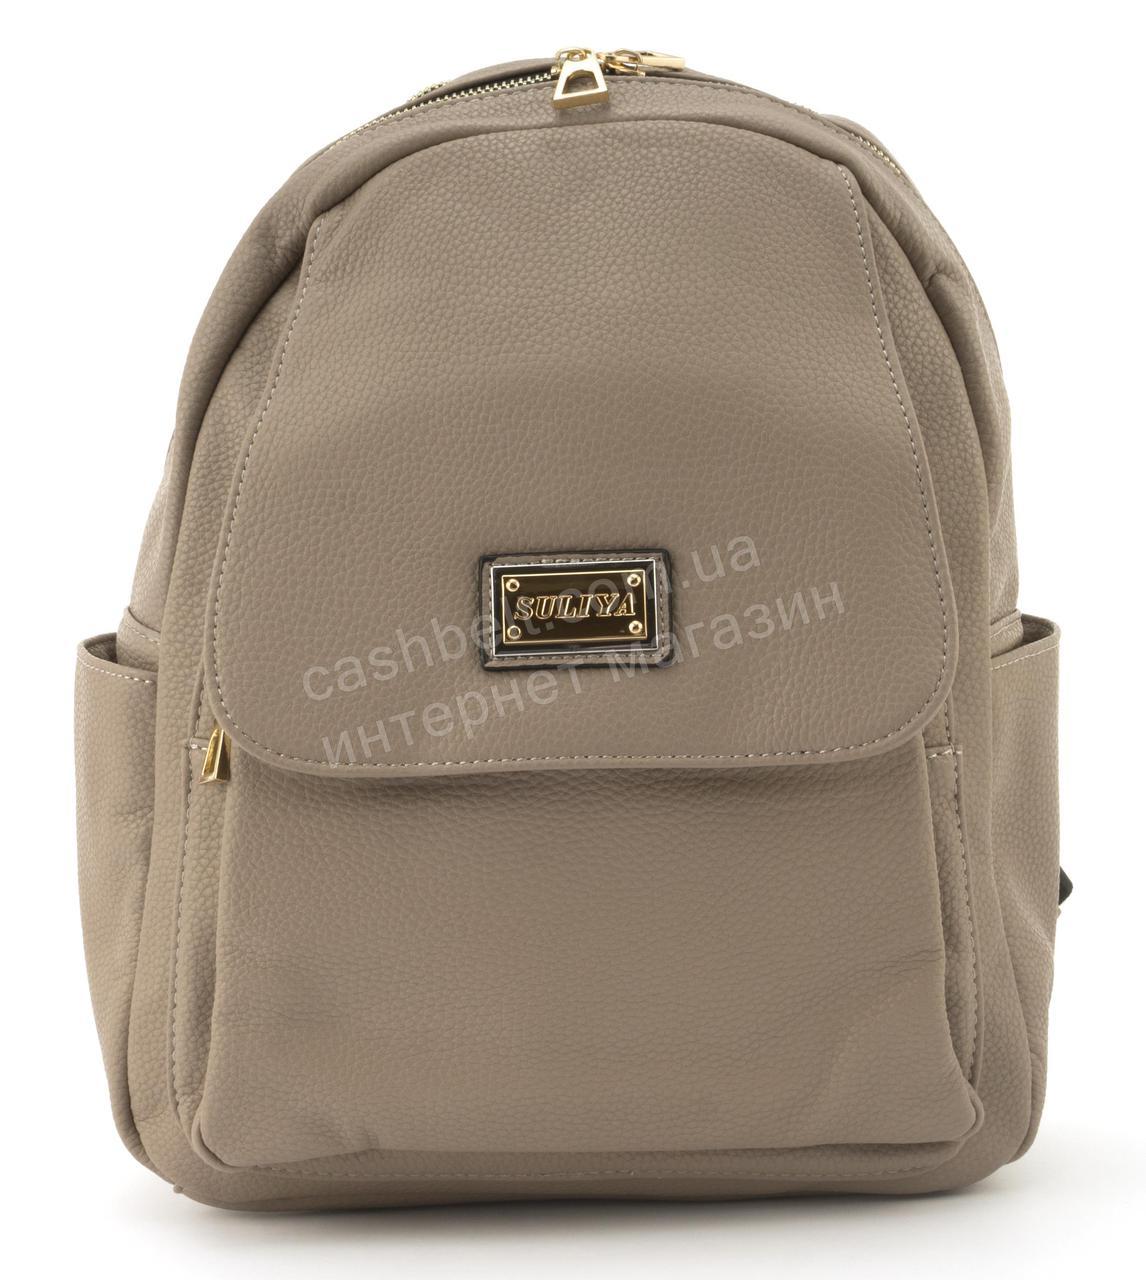 Прочный и надежный рюкзачок среднего размера из эко кожи Suliya art. 9683 кофе с молоком